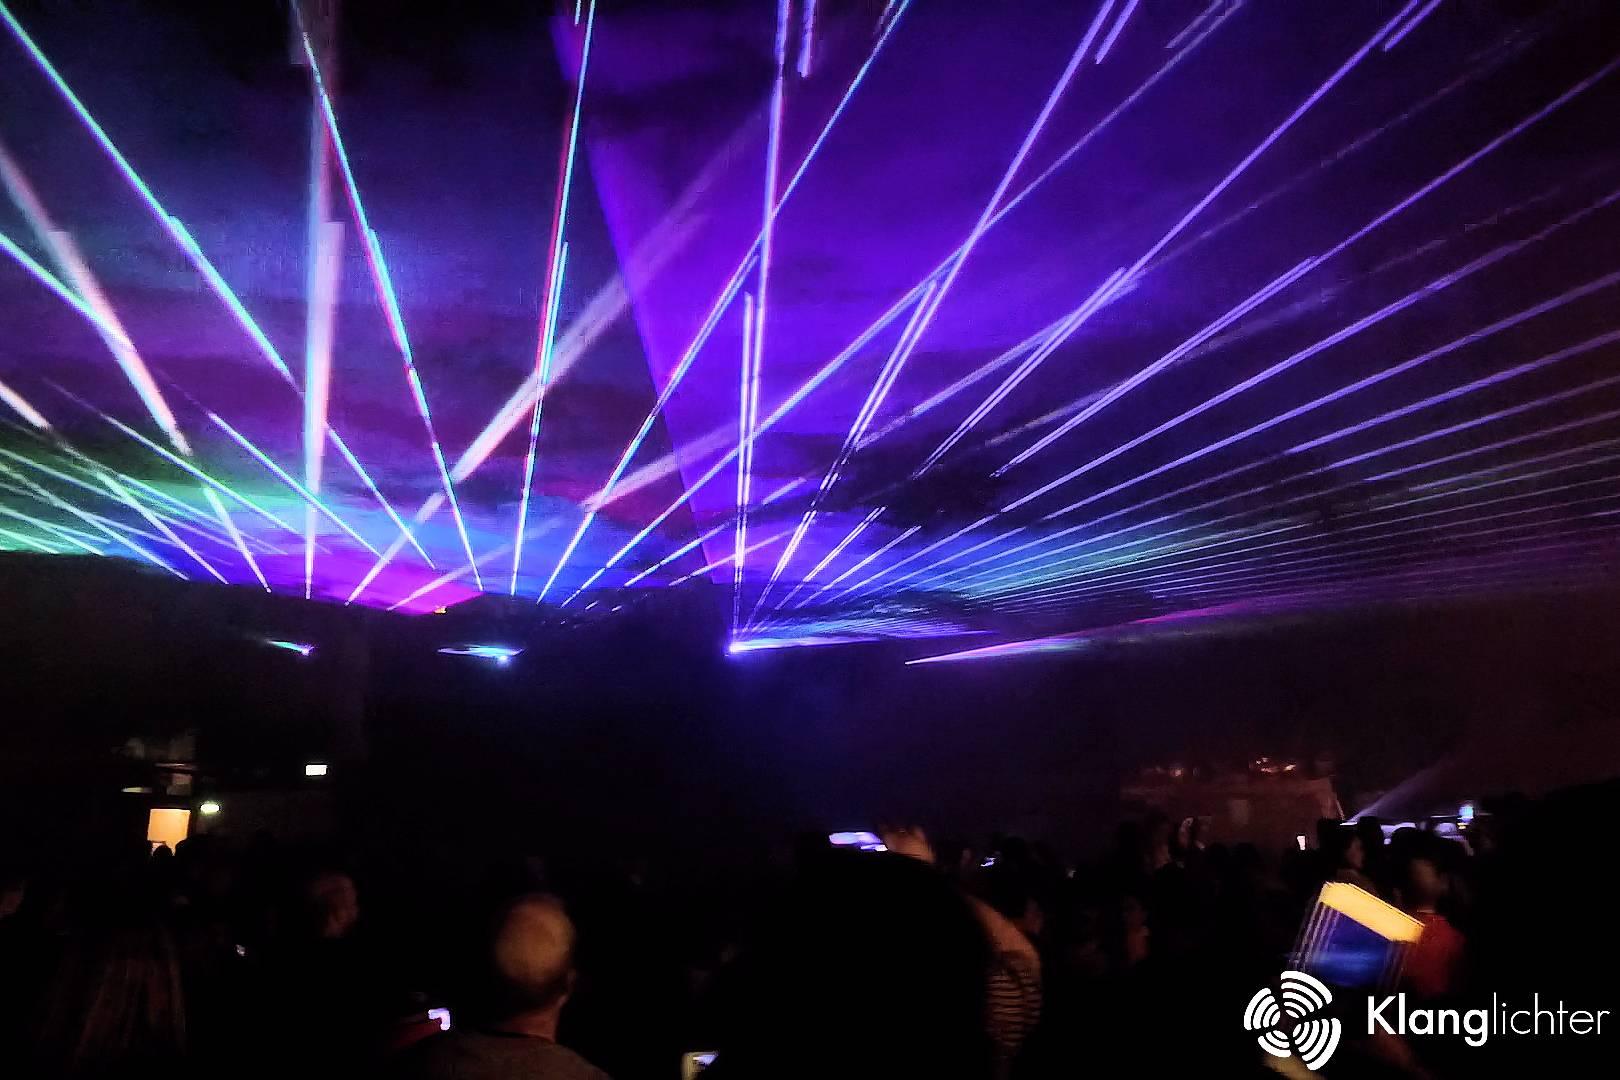 ATMO Lasershow: Lasershow zum Abschluss des Stadtfest in Lohmar - Spektakuläre Show Strahlen